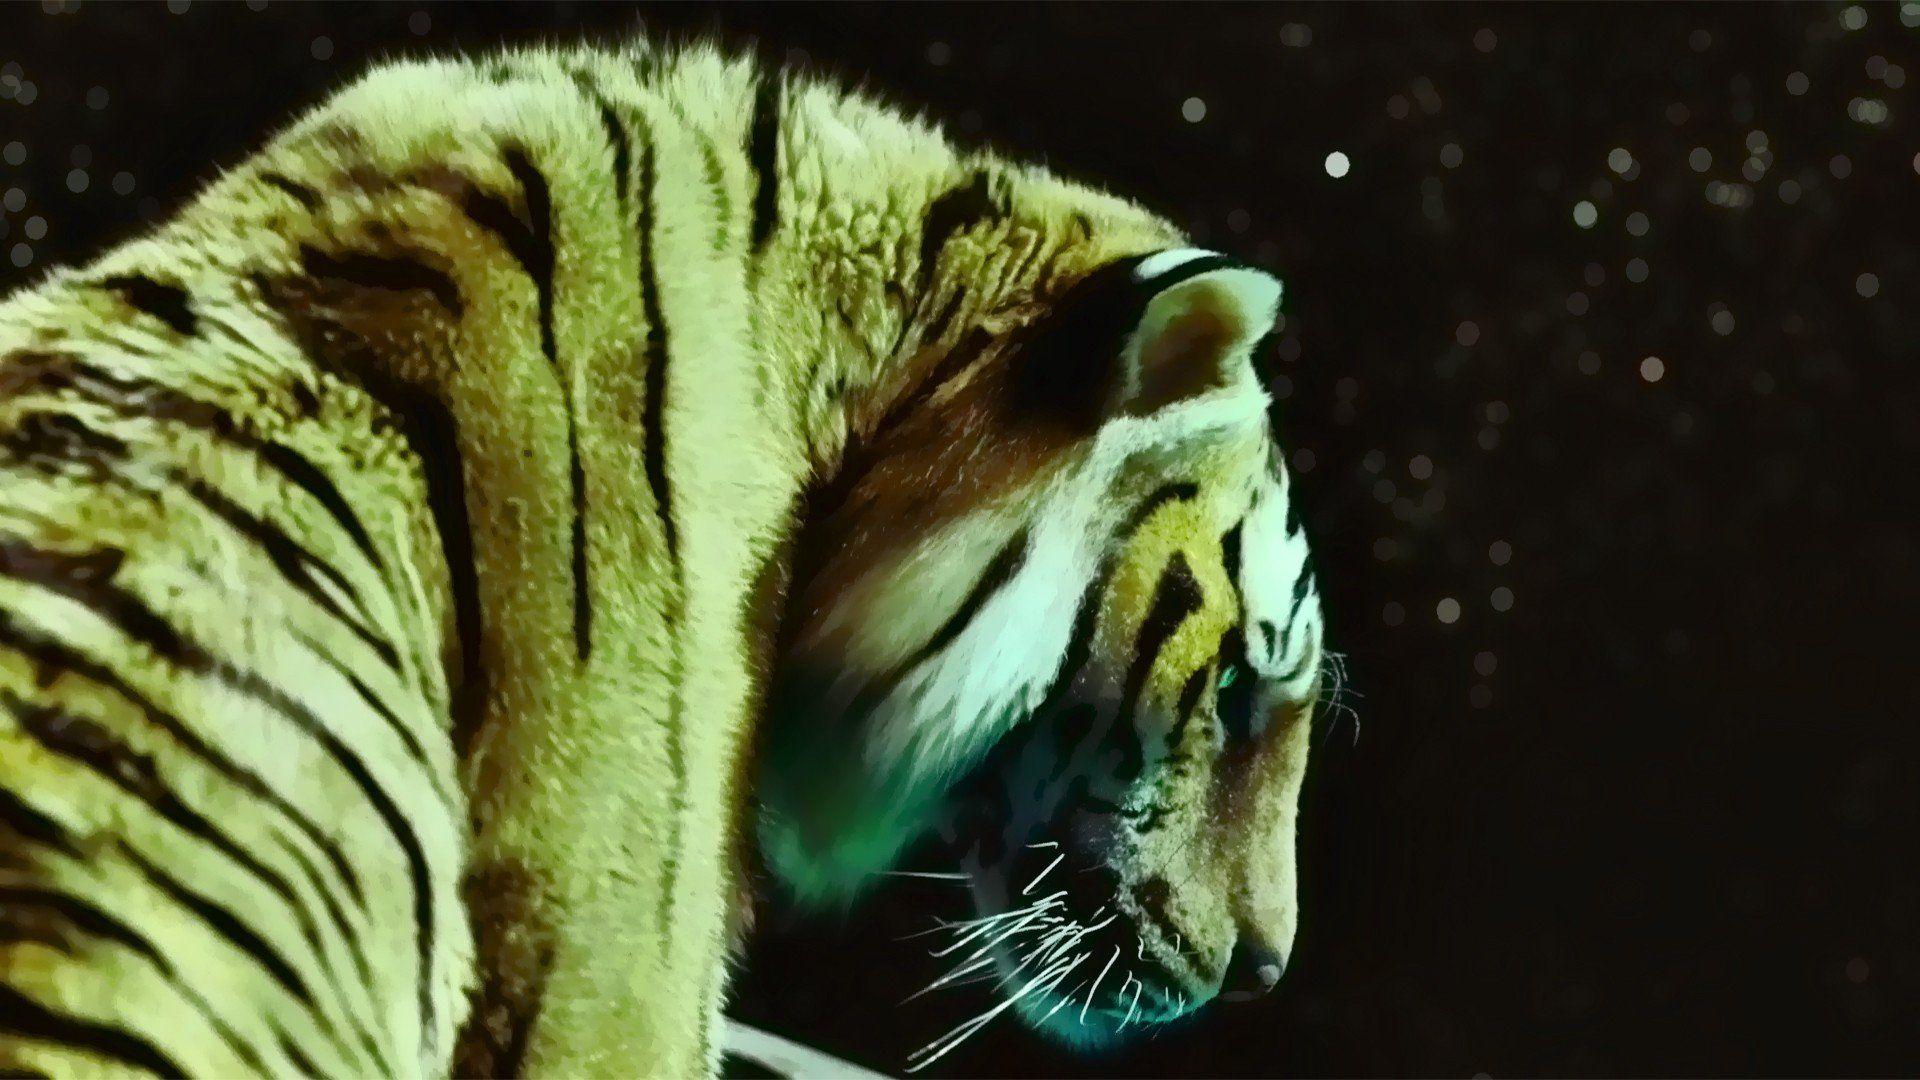 Films tigres de papier peint la vie Pi | 1920x1080 | 252 330 | WallpaperUP